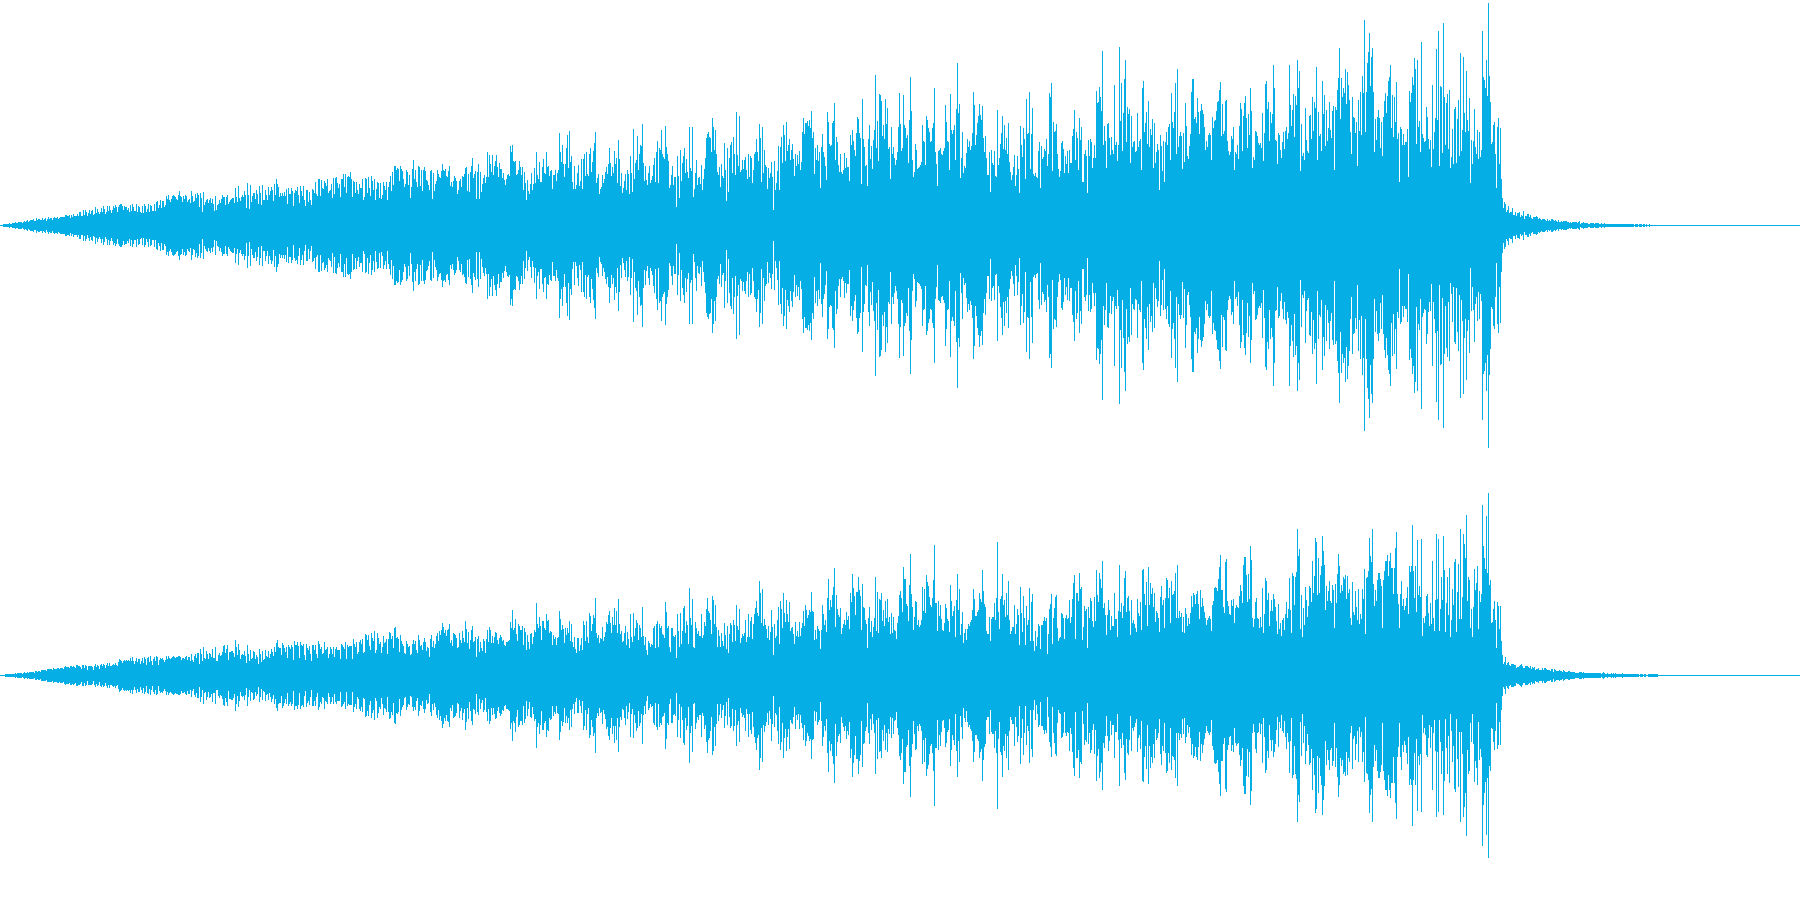 エンジンが燃えている音の再生済みの波形